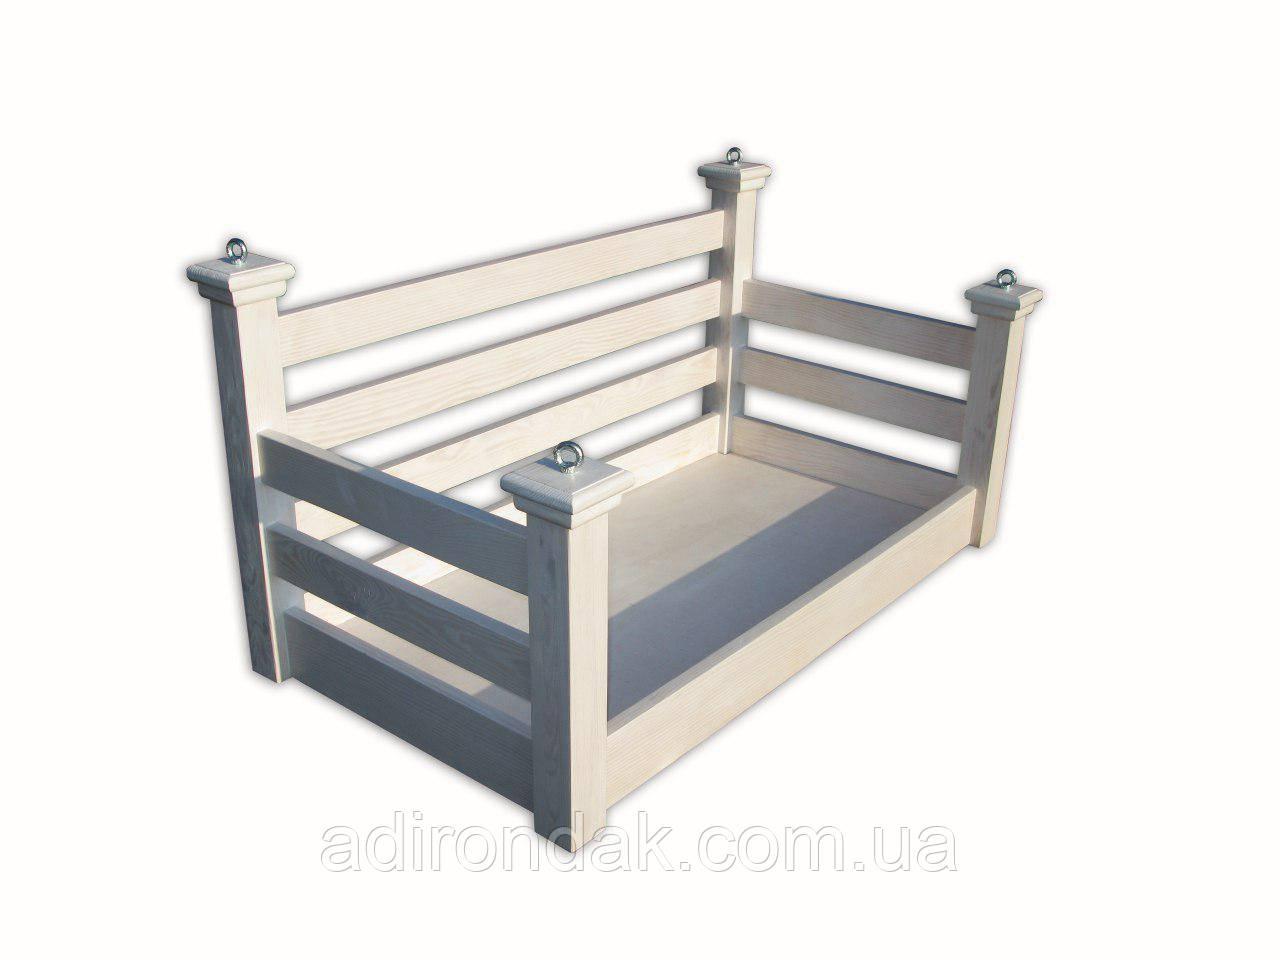 Подвесная кровать на балкон